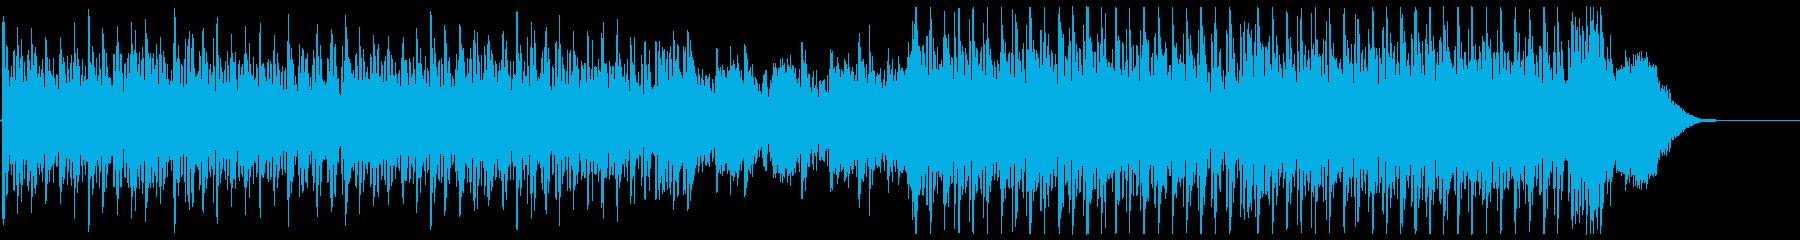 気高さと疾走感を描くクラシック曲の再生済みの波形